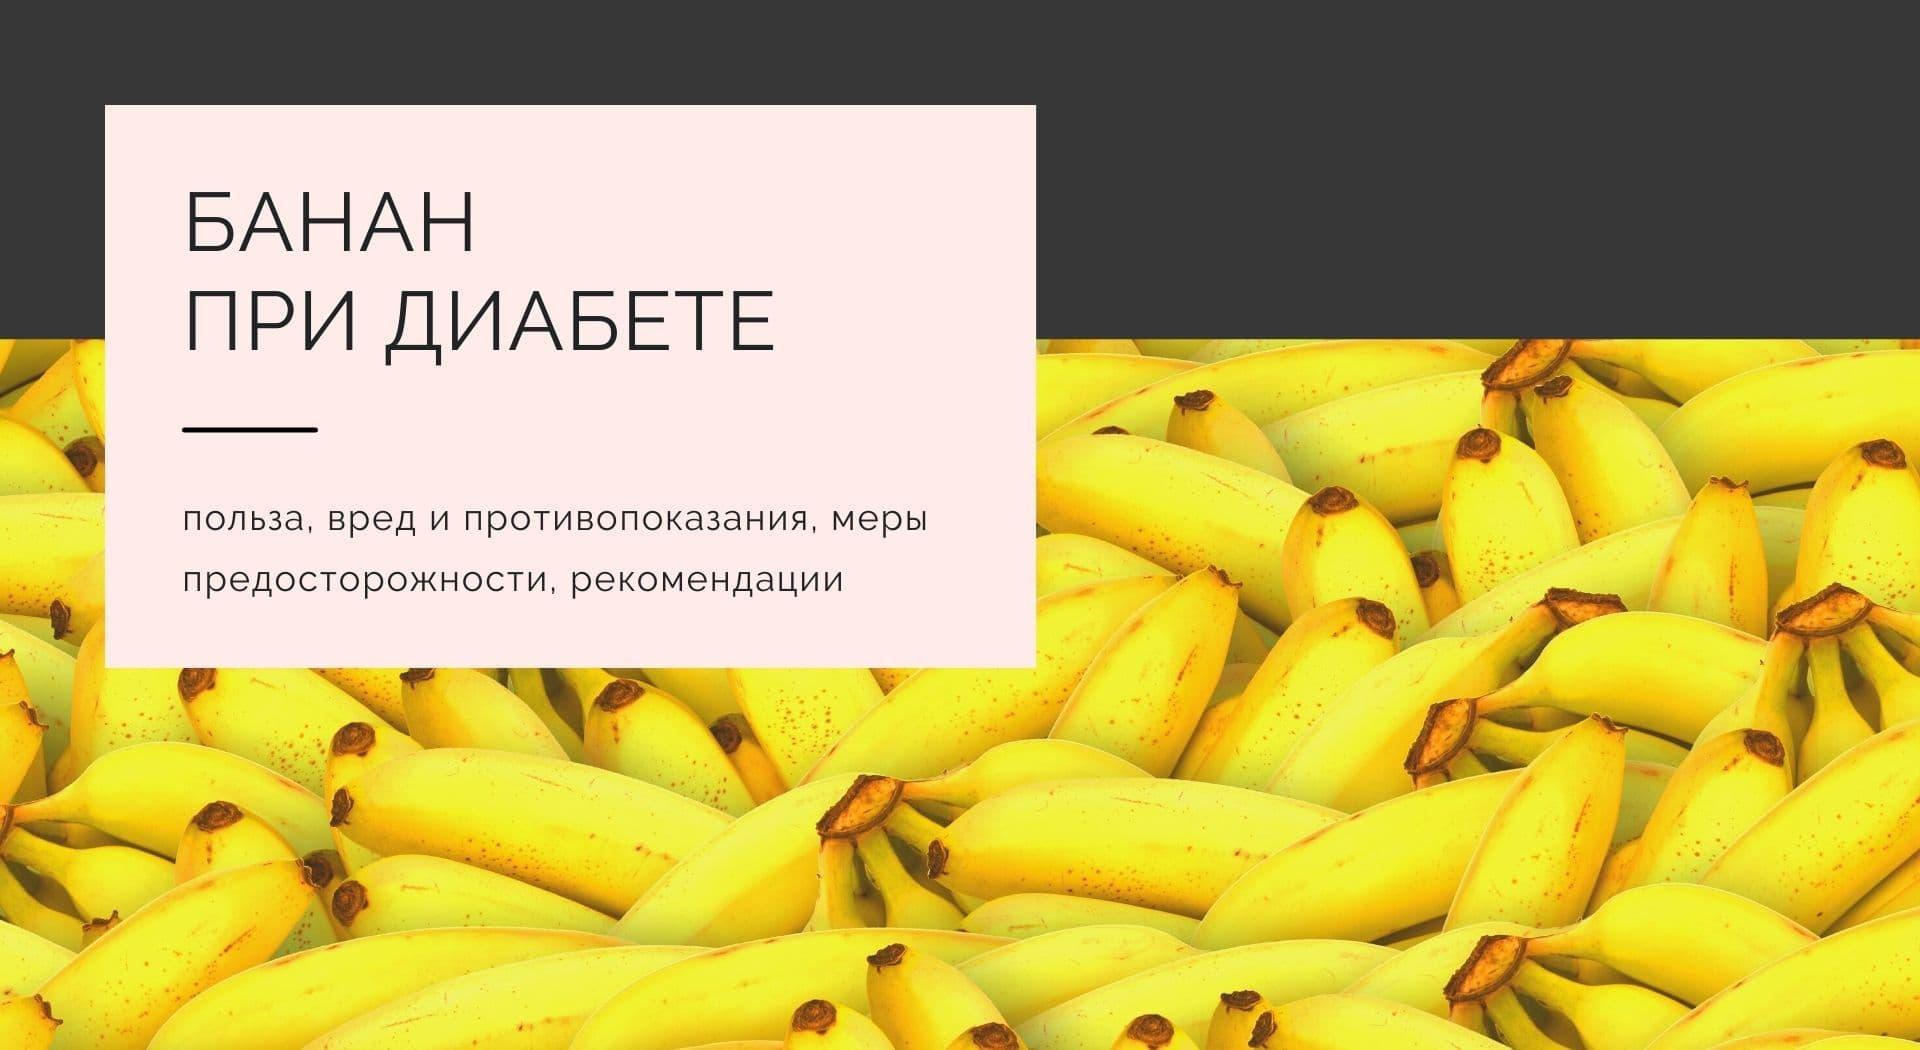 Банан при диабете: польза, вред и противопоказания, меры предосторожности, рекомендации